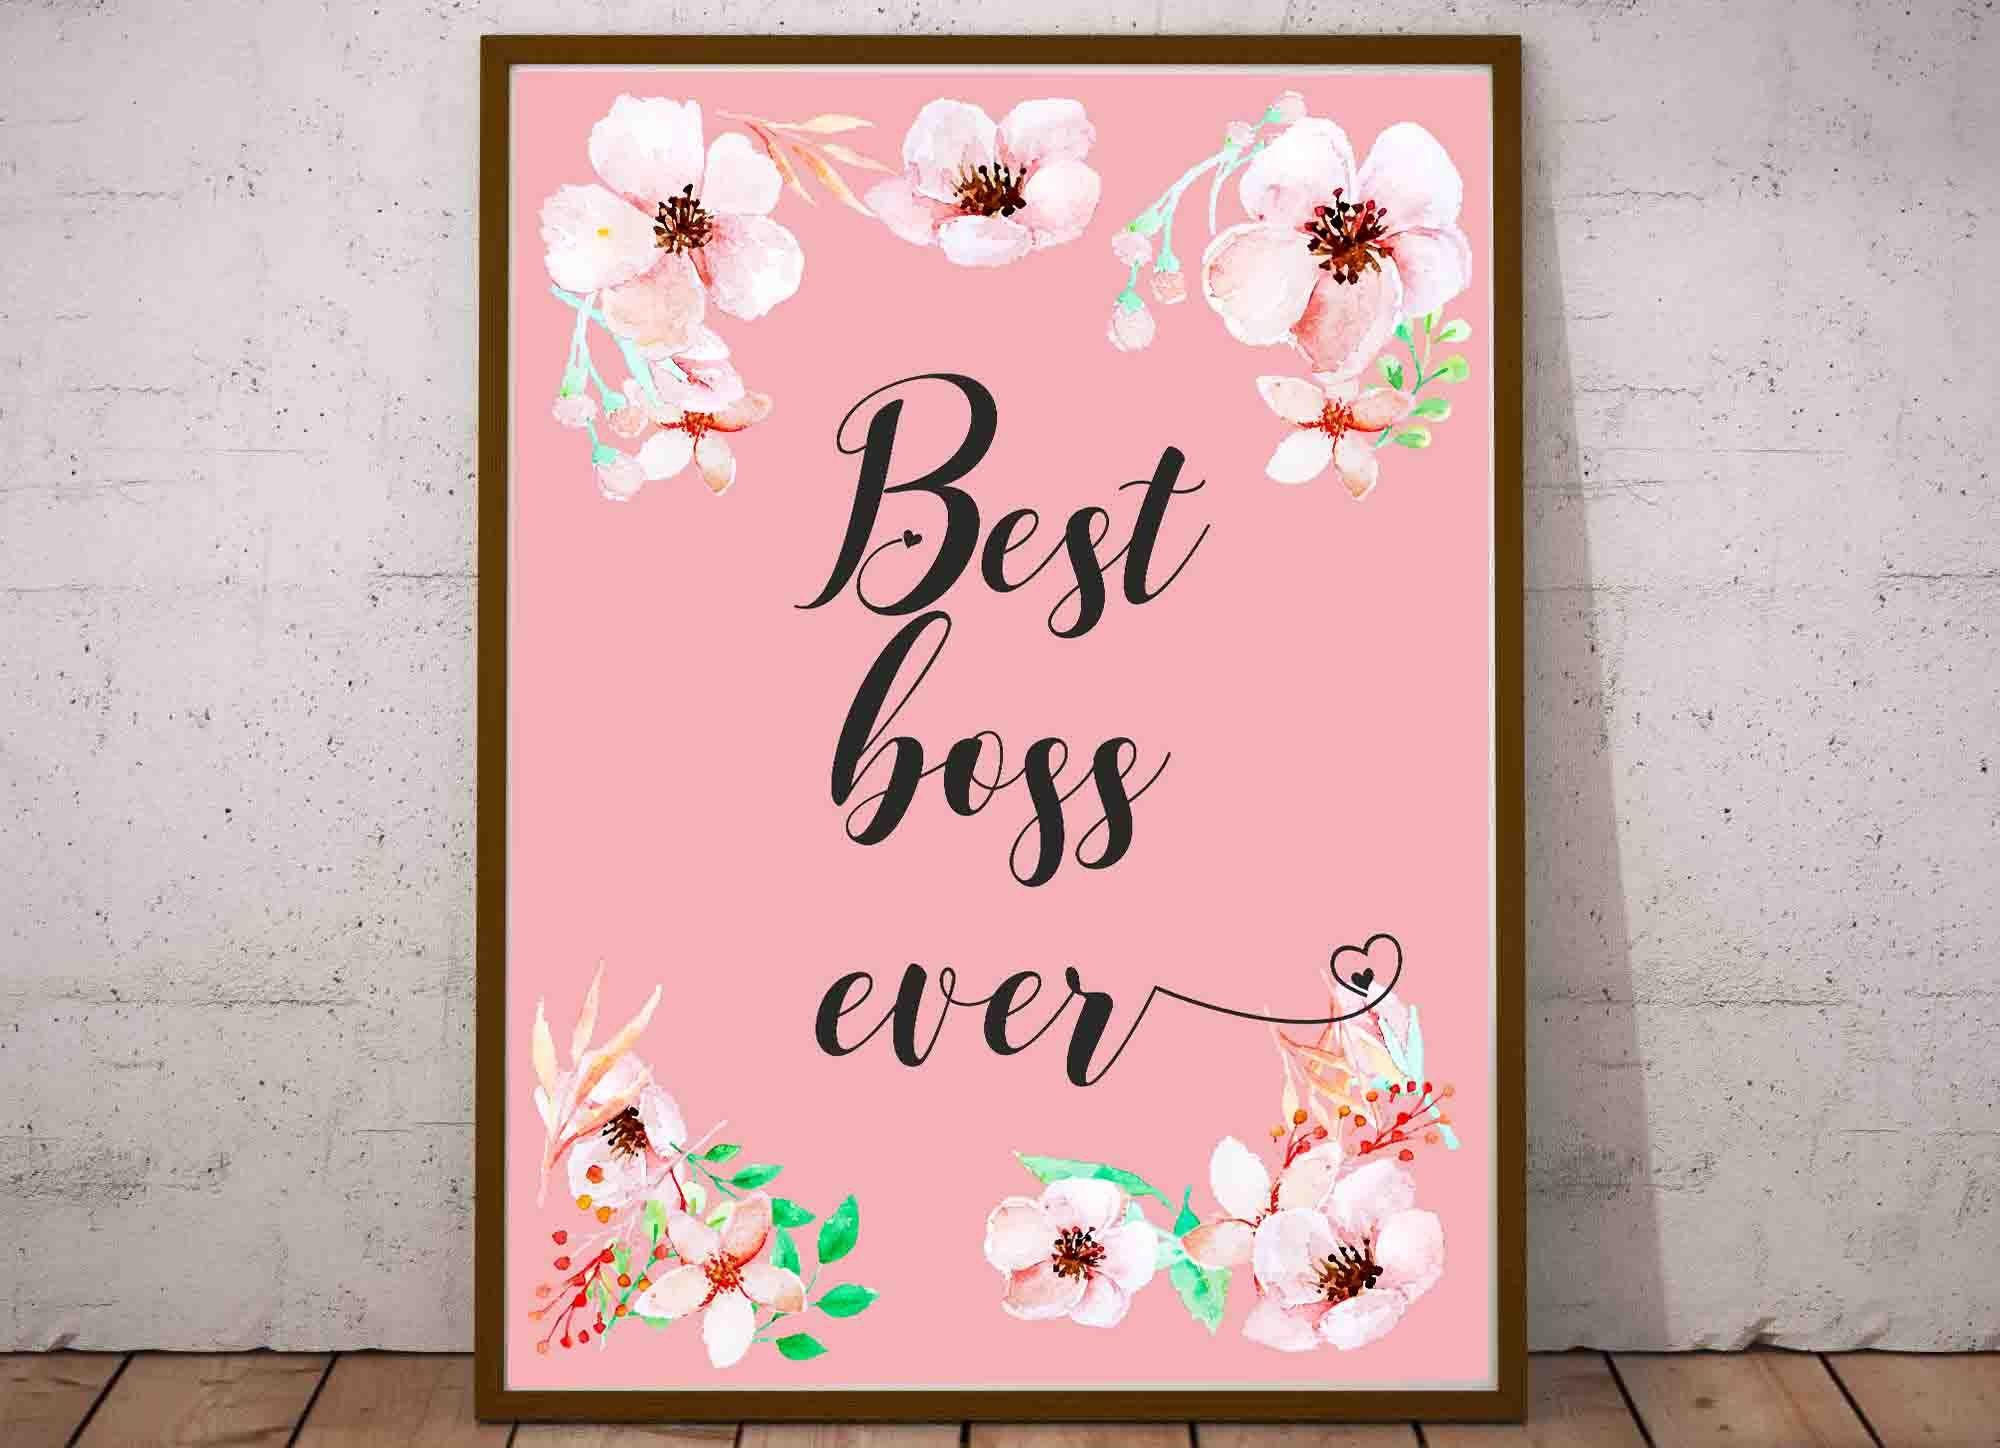 Best boss ever best boss print female boss gift female